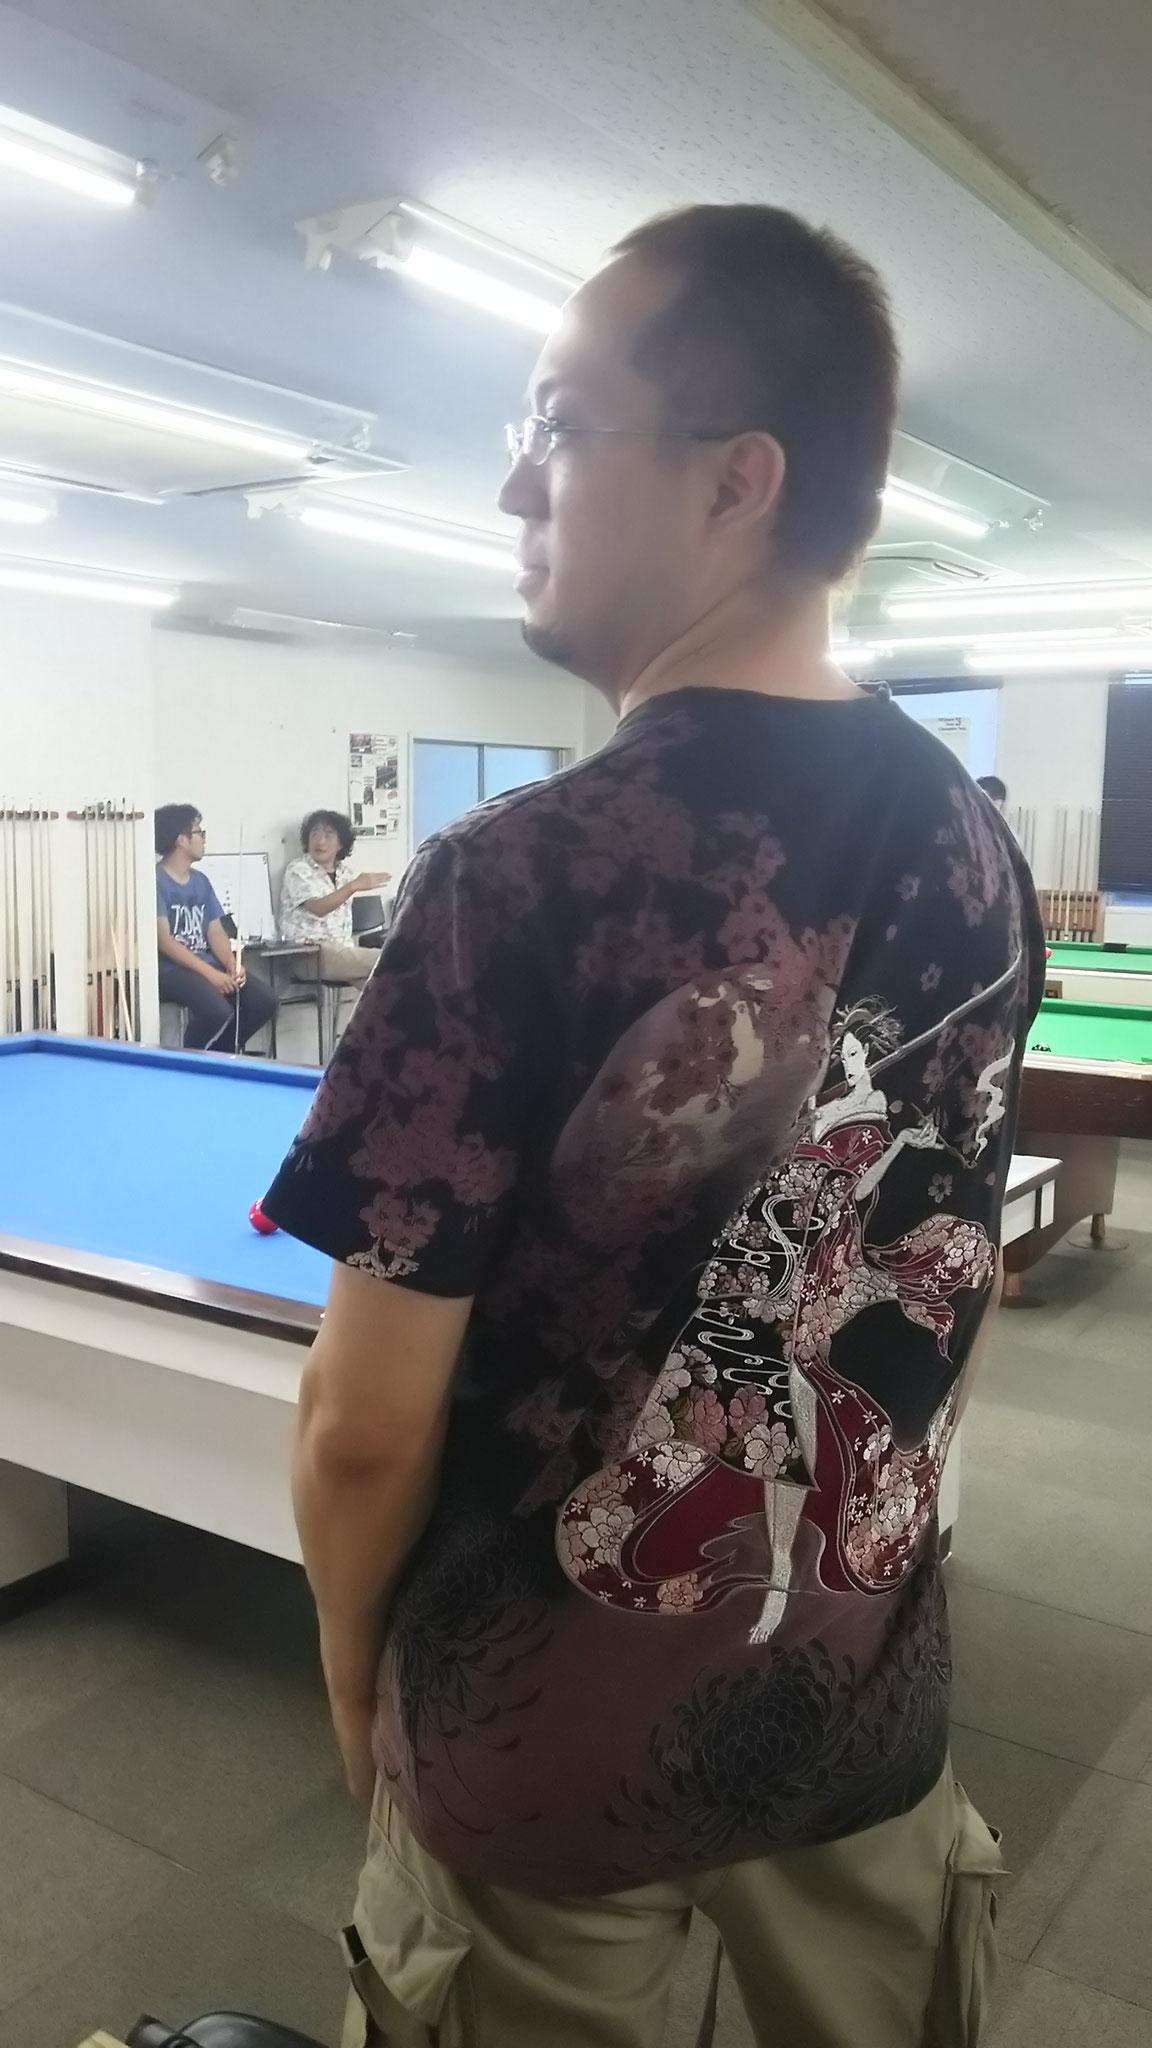 Tシャツクイズの答えは、神田さん!